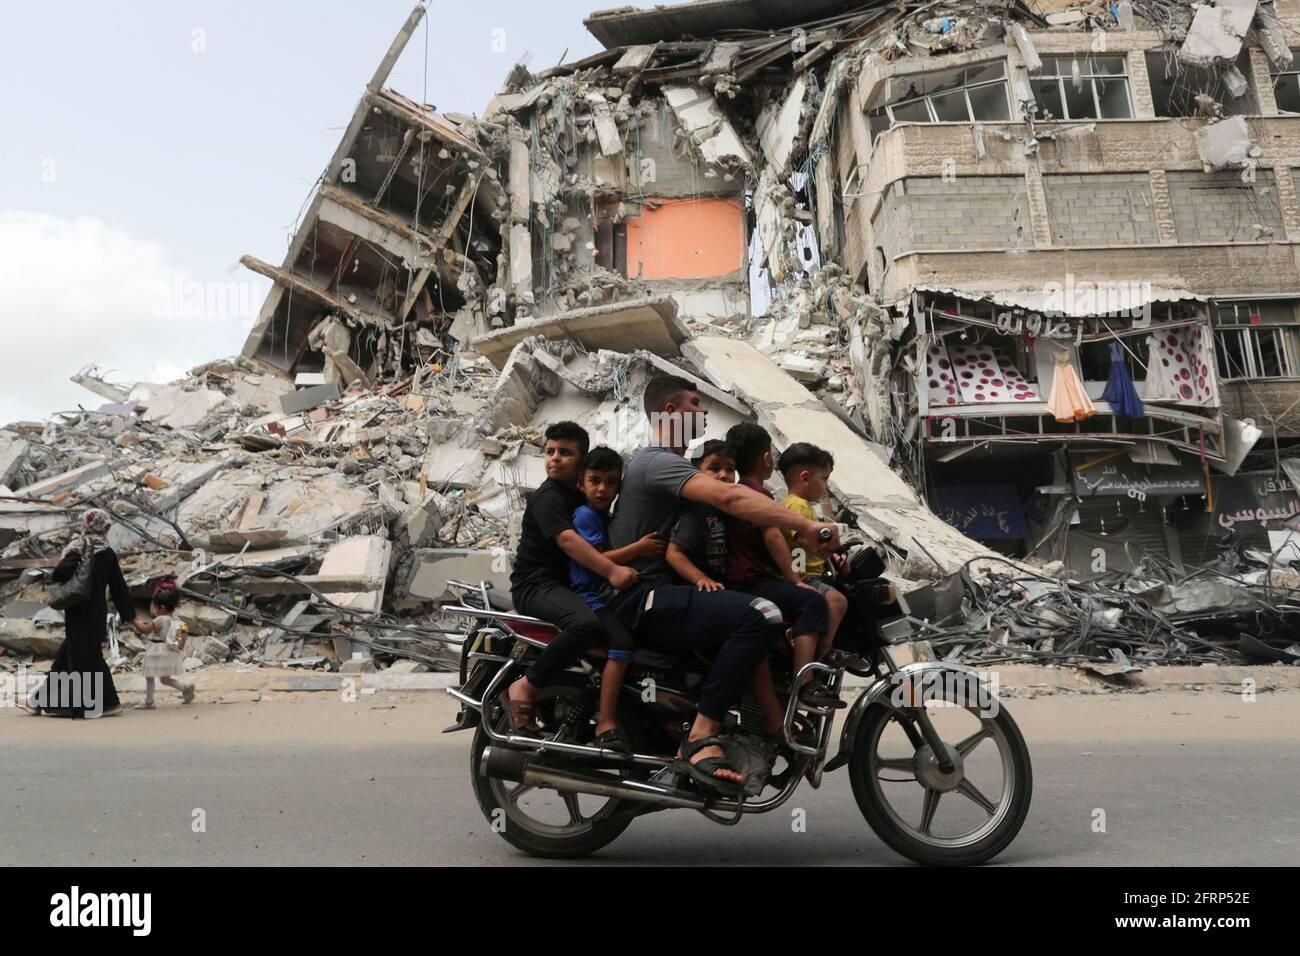 Palästinenser fahren mit dem Motorrad am Ort eines israelischen Luftanschlags vorbei, nach dem Waffenstillstand der Hamas in Gaza am 21. Mai 2021. REUTERS/Suhaib Salem Stockfoto